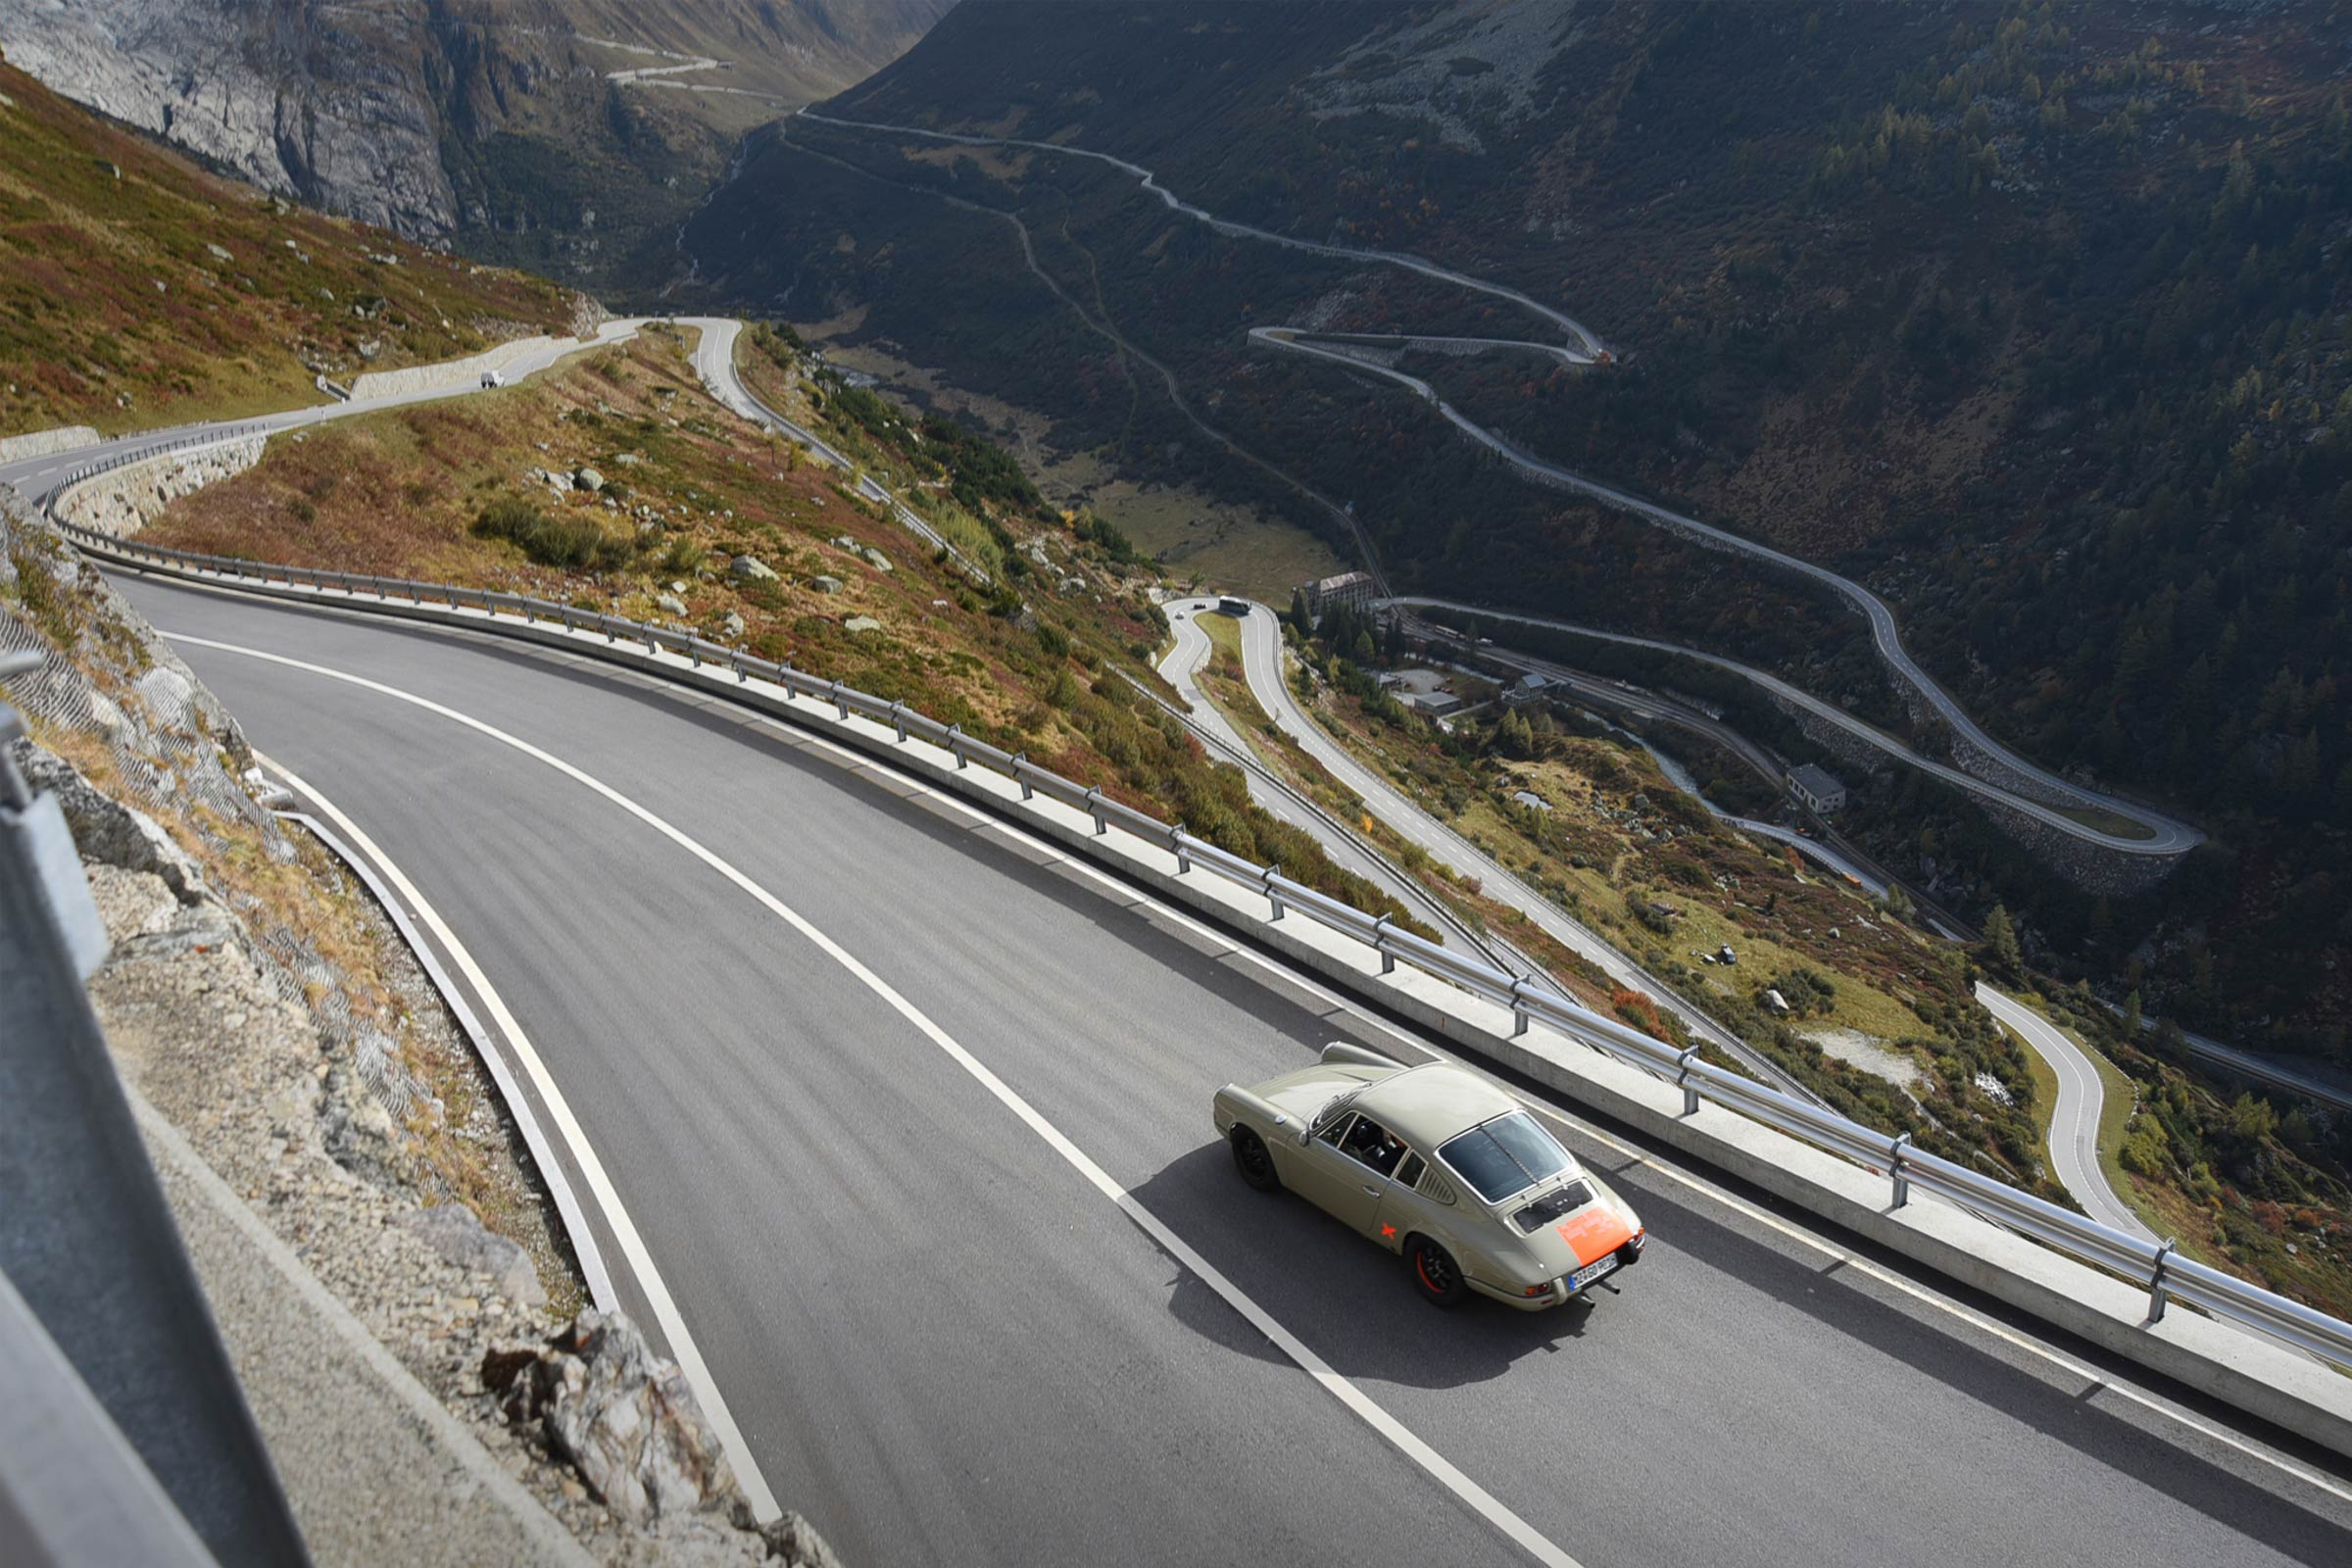 Alpenausfahrt mit 911er Porsche © Markus Haub